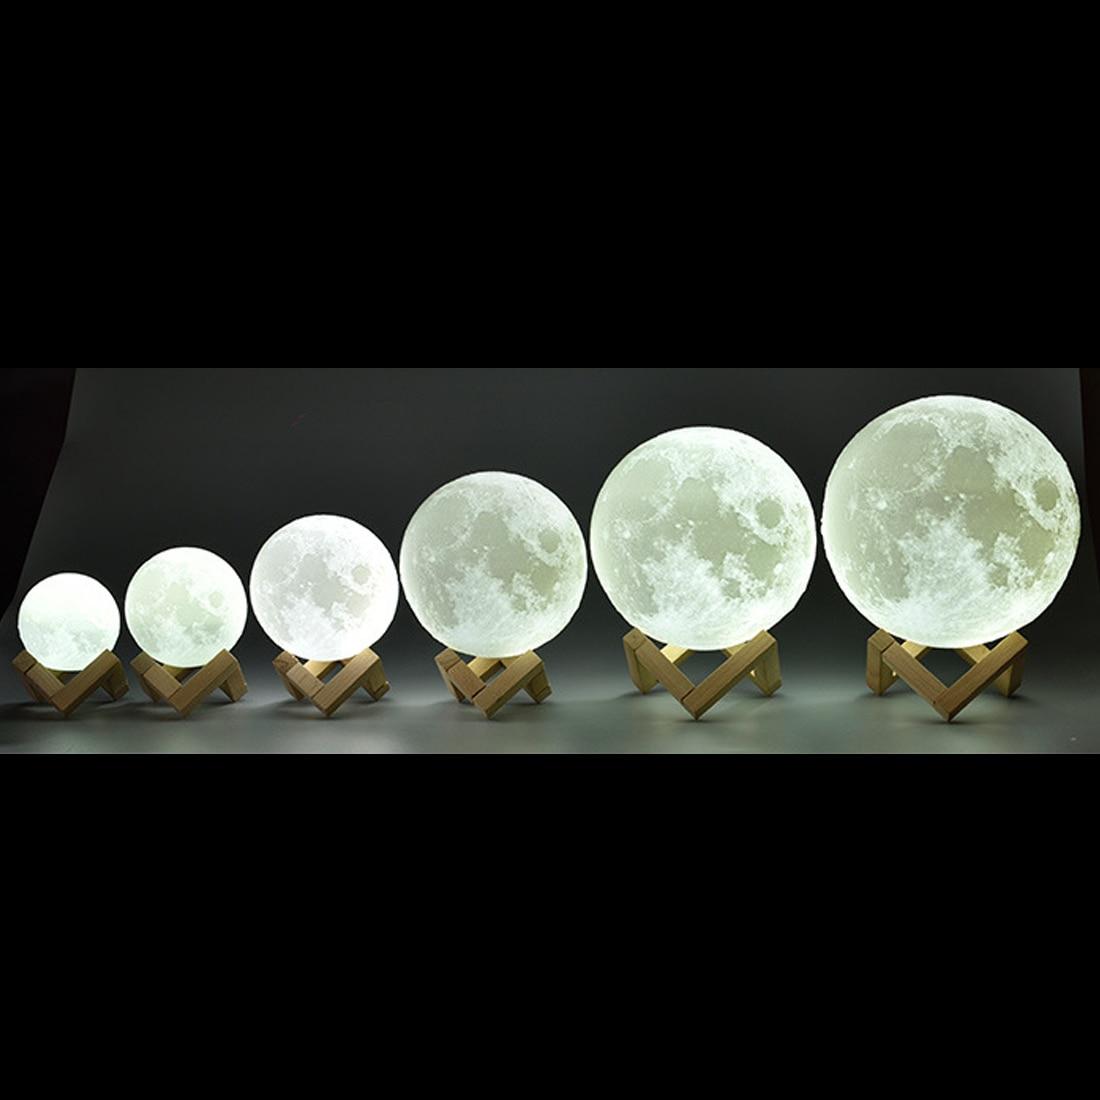 Akumulator lampa księżycowa 2 zmienia kolor 3D włącznik dotykowy światła 3D lampa lampy druku księżyc lampka nocna regałowa do sypialni kreatywne prezenty